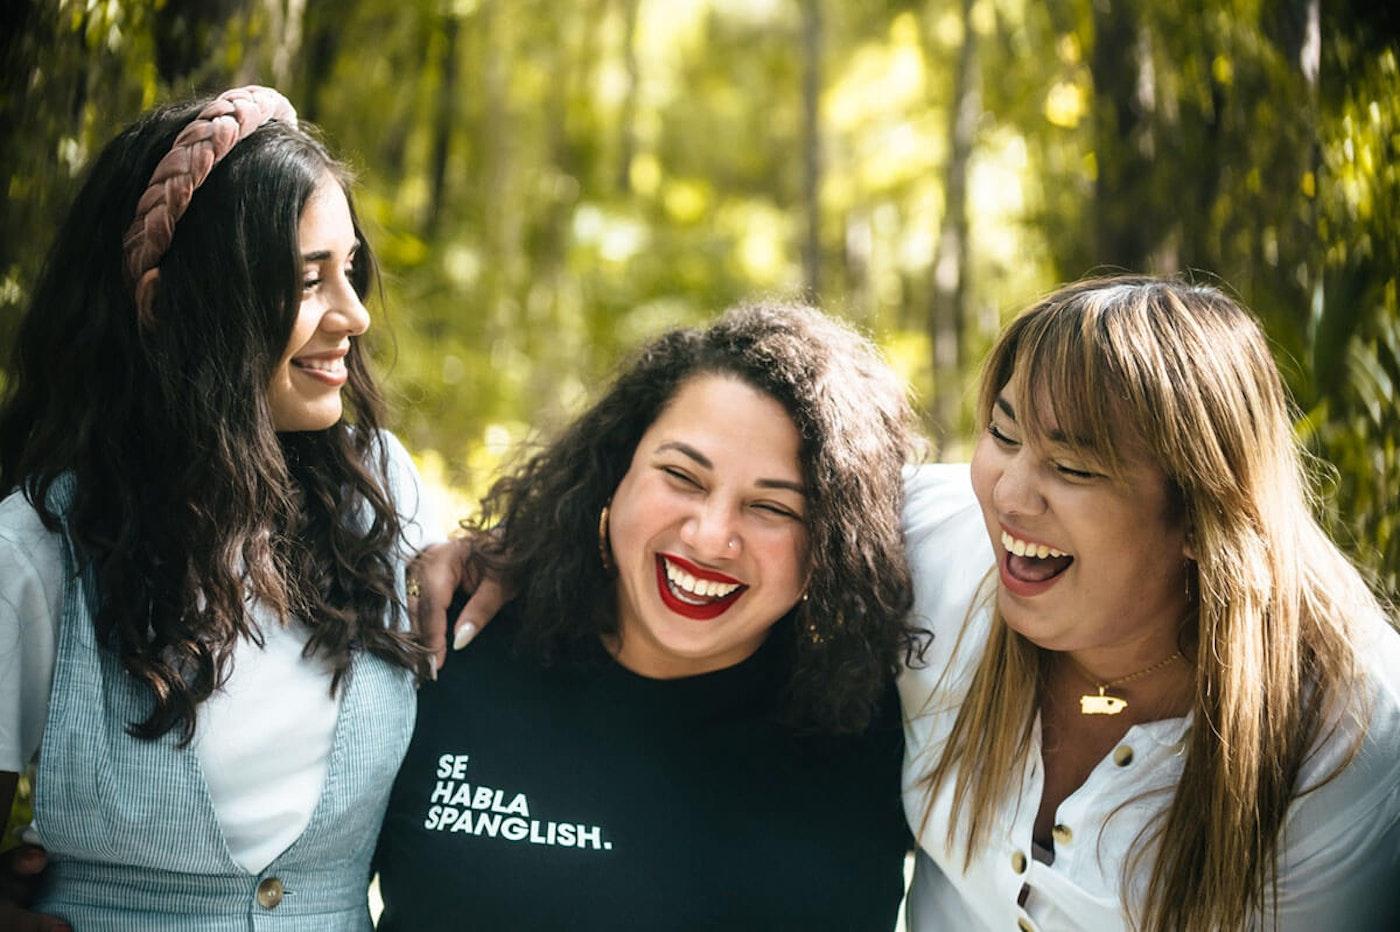 Jevas Combativas feminist advocates